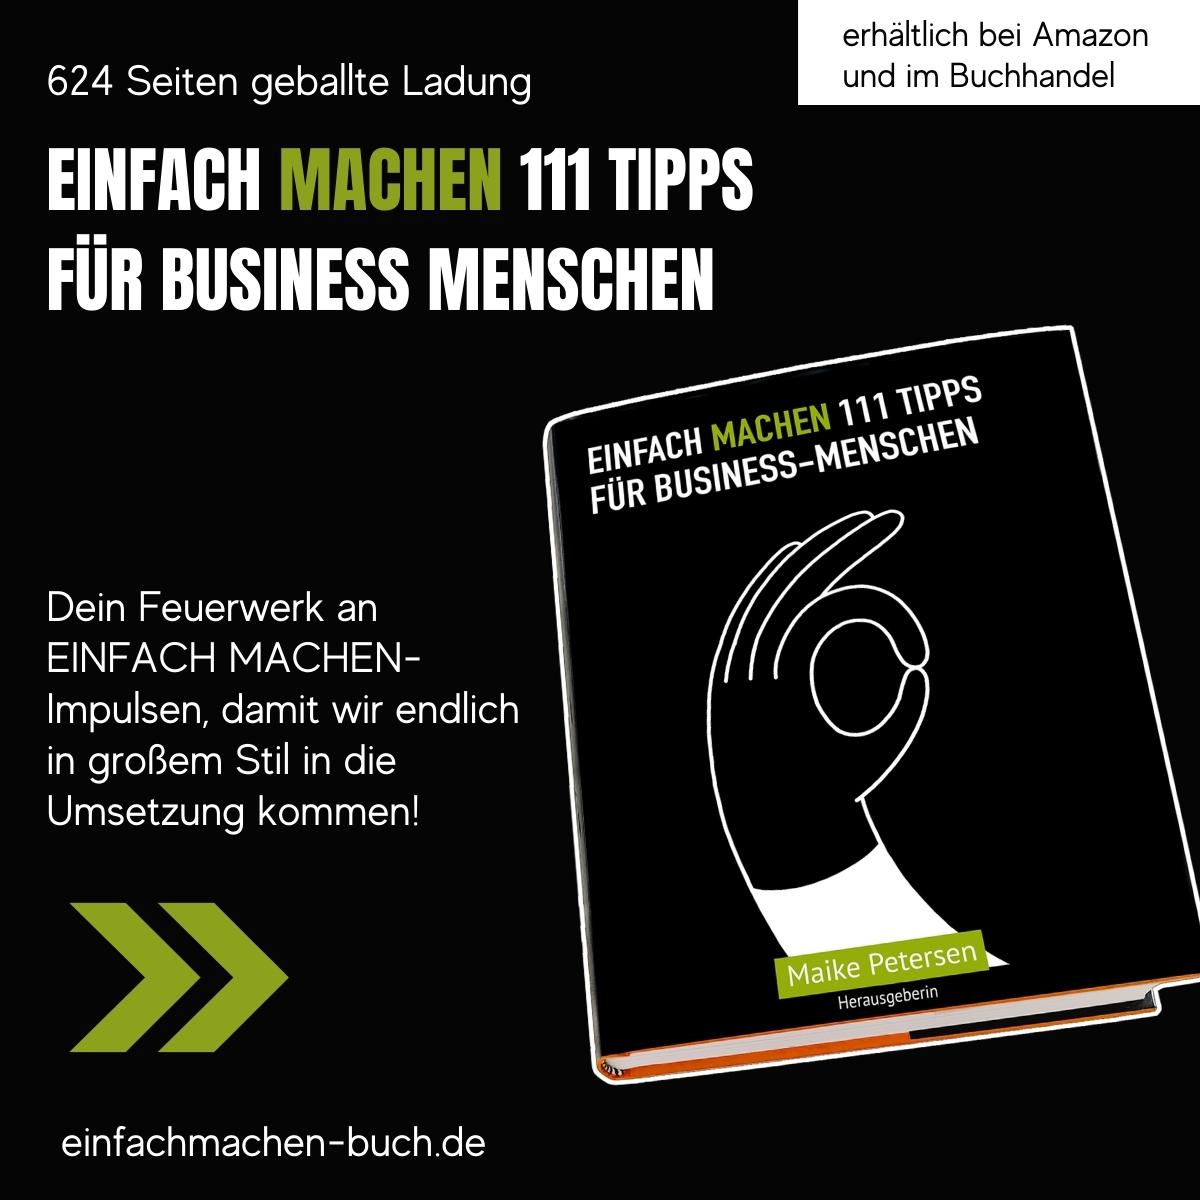 Buch EINFACH MACHEN 111 Tipps FÜR BUSINESS-MENSCHEN | Herausgeberin: Maike Petersen